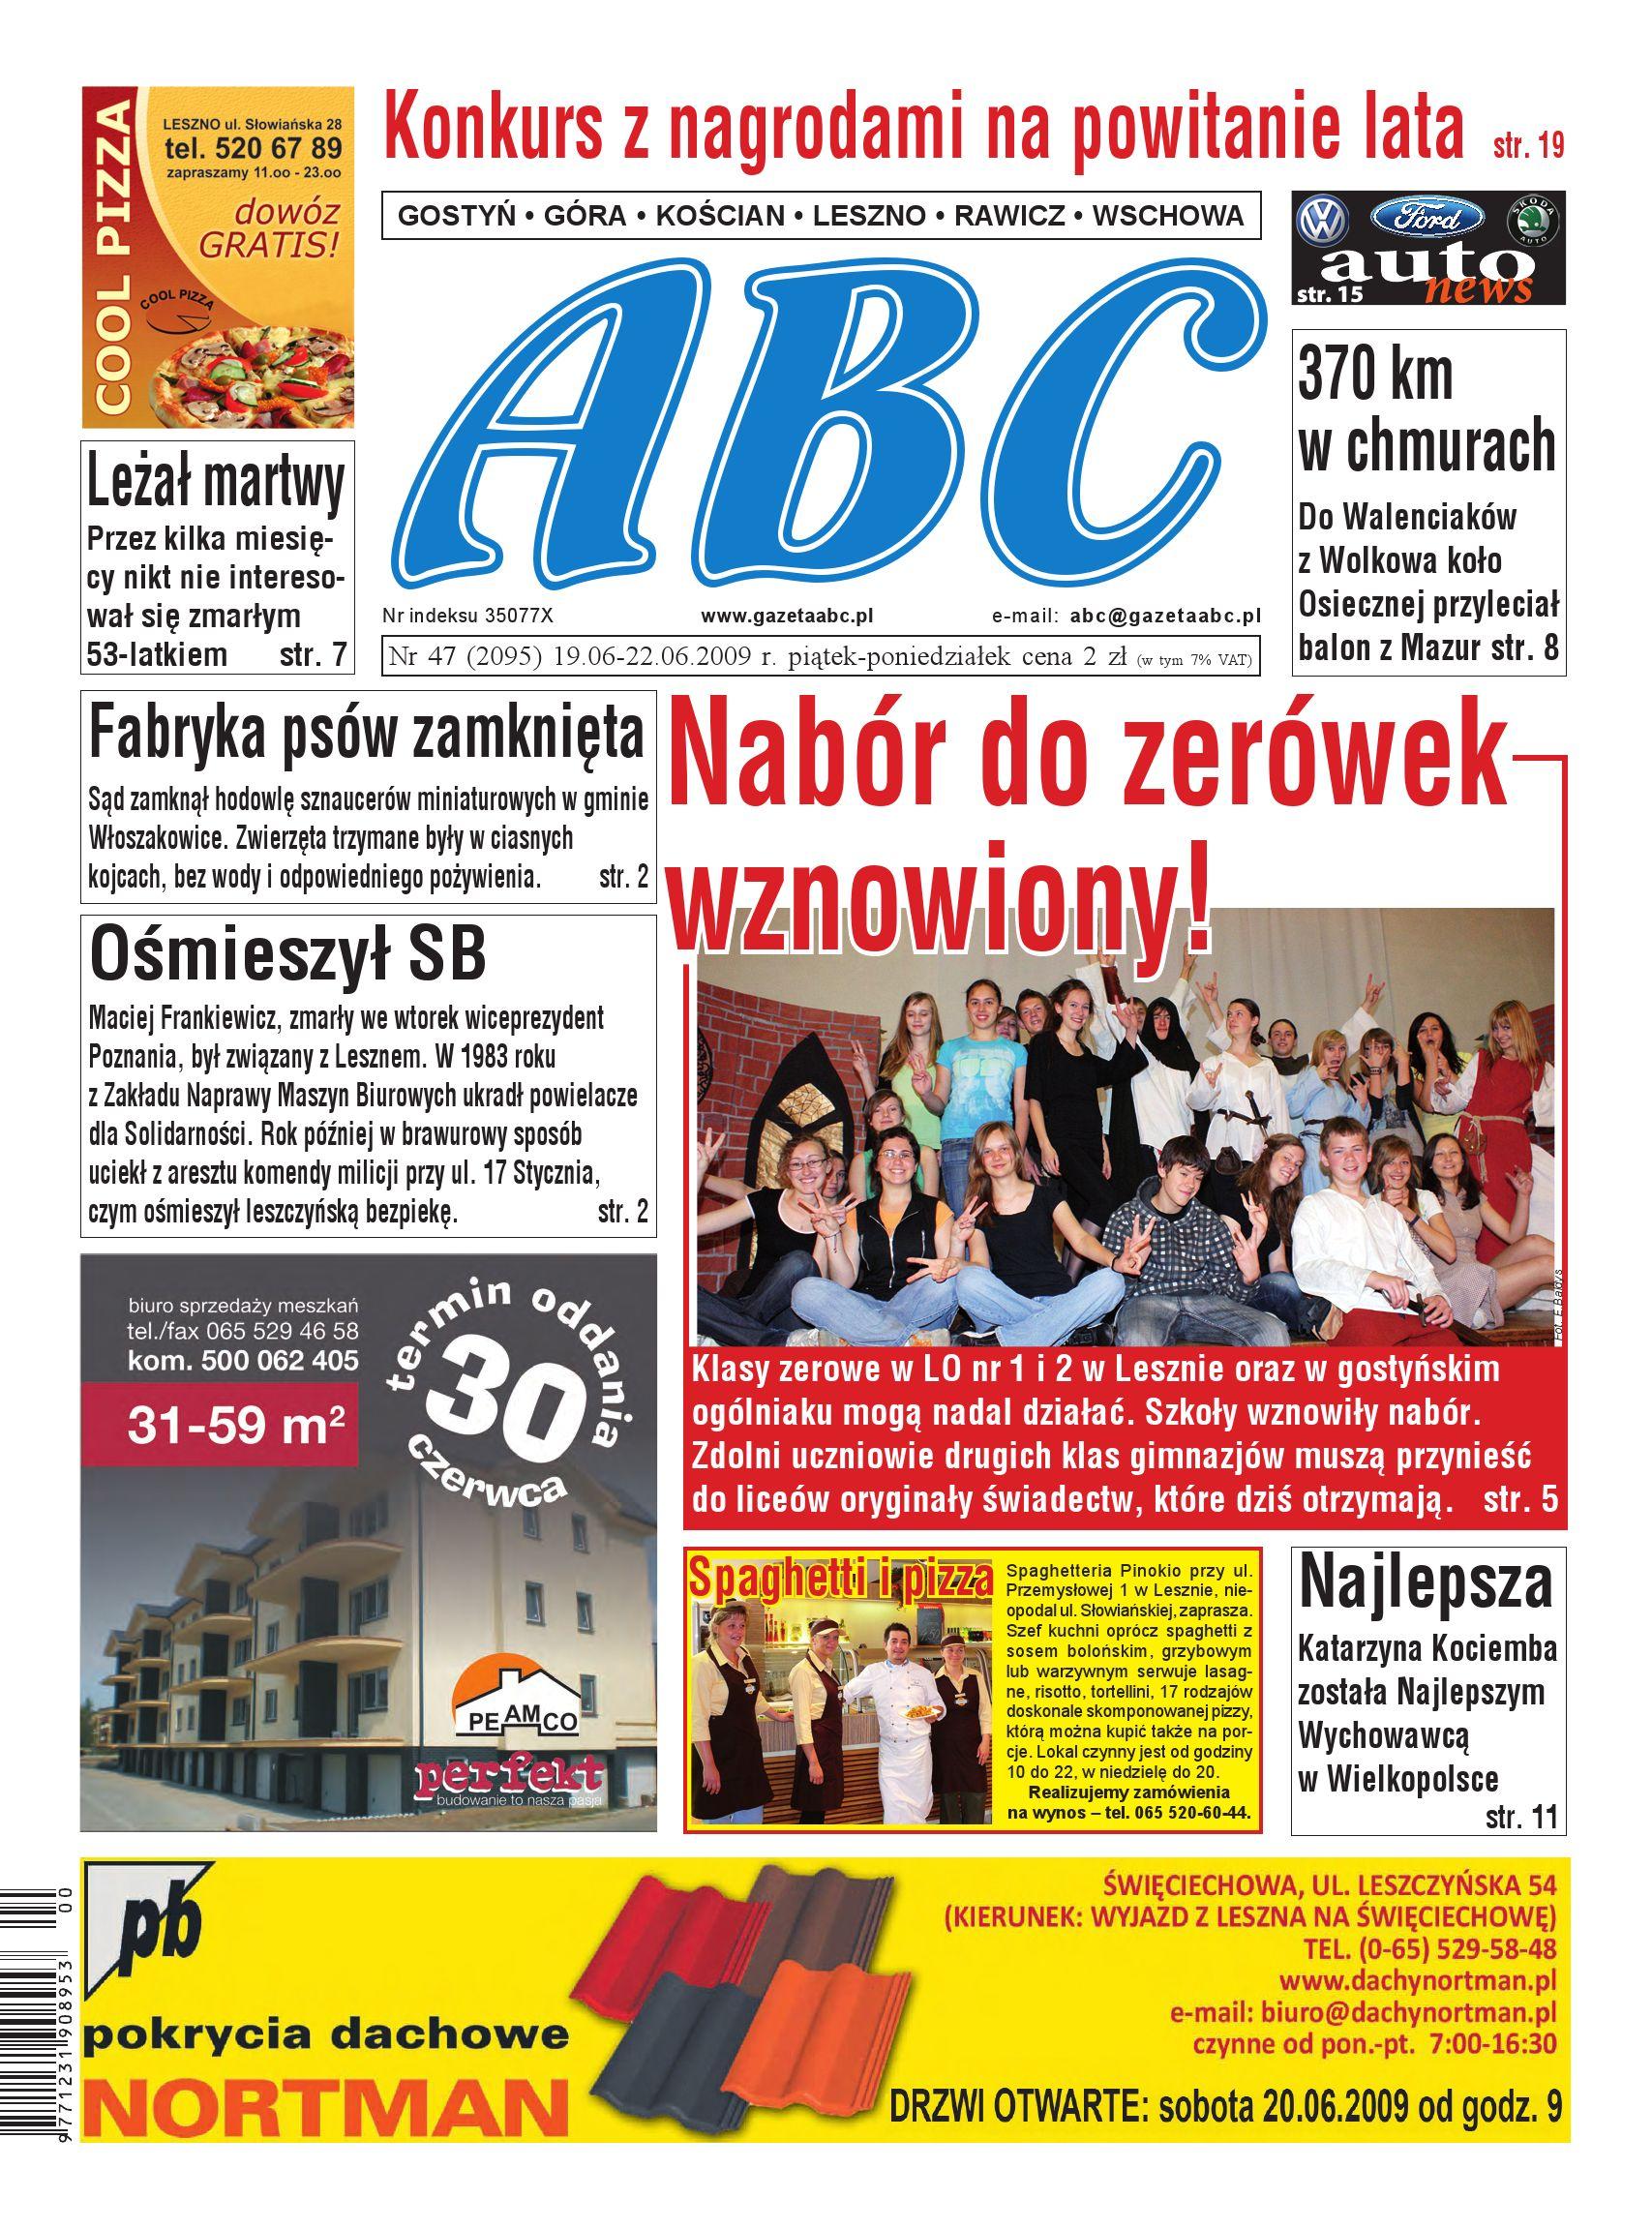 Gazeta Abc 19 Czerwca 2009 By Sekretarz Redakcji Issuu